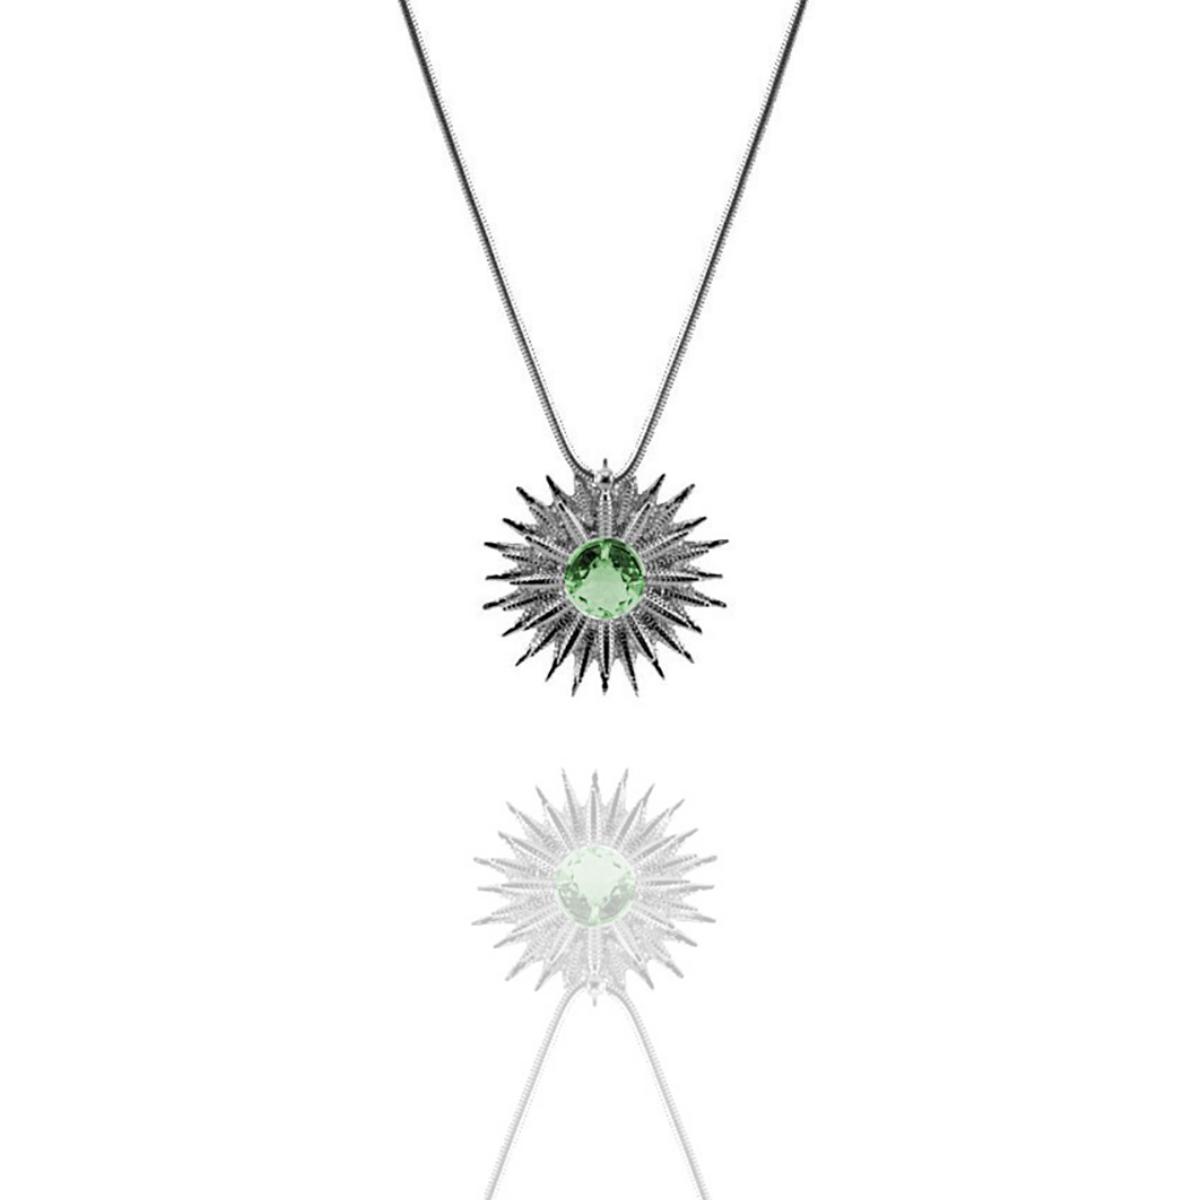 Colar Barbara Strauss Sol Em Cristal Verde, Revestido Em Ouro Branco 18K